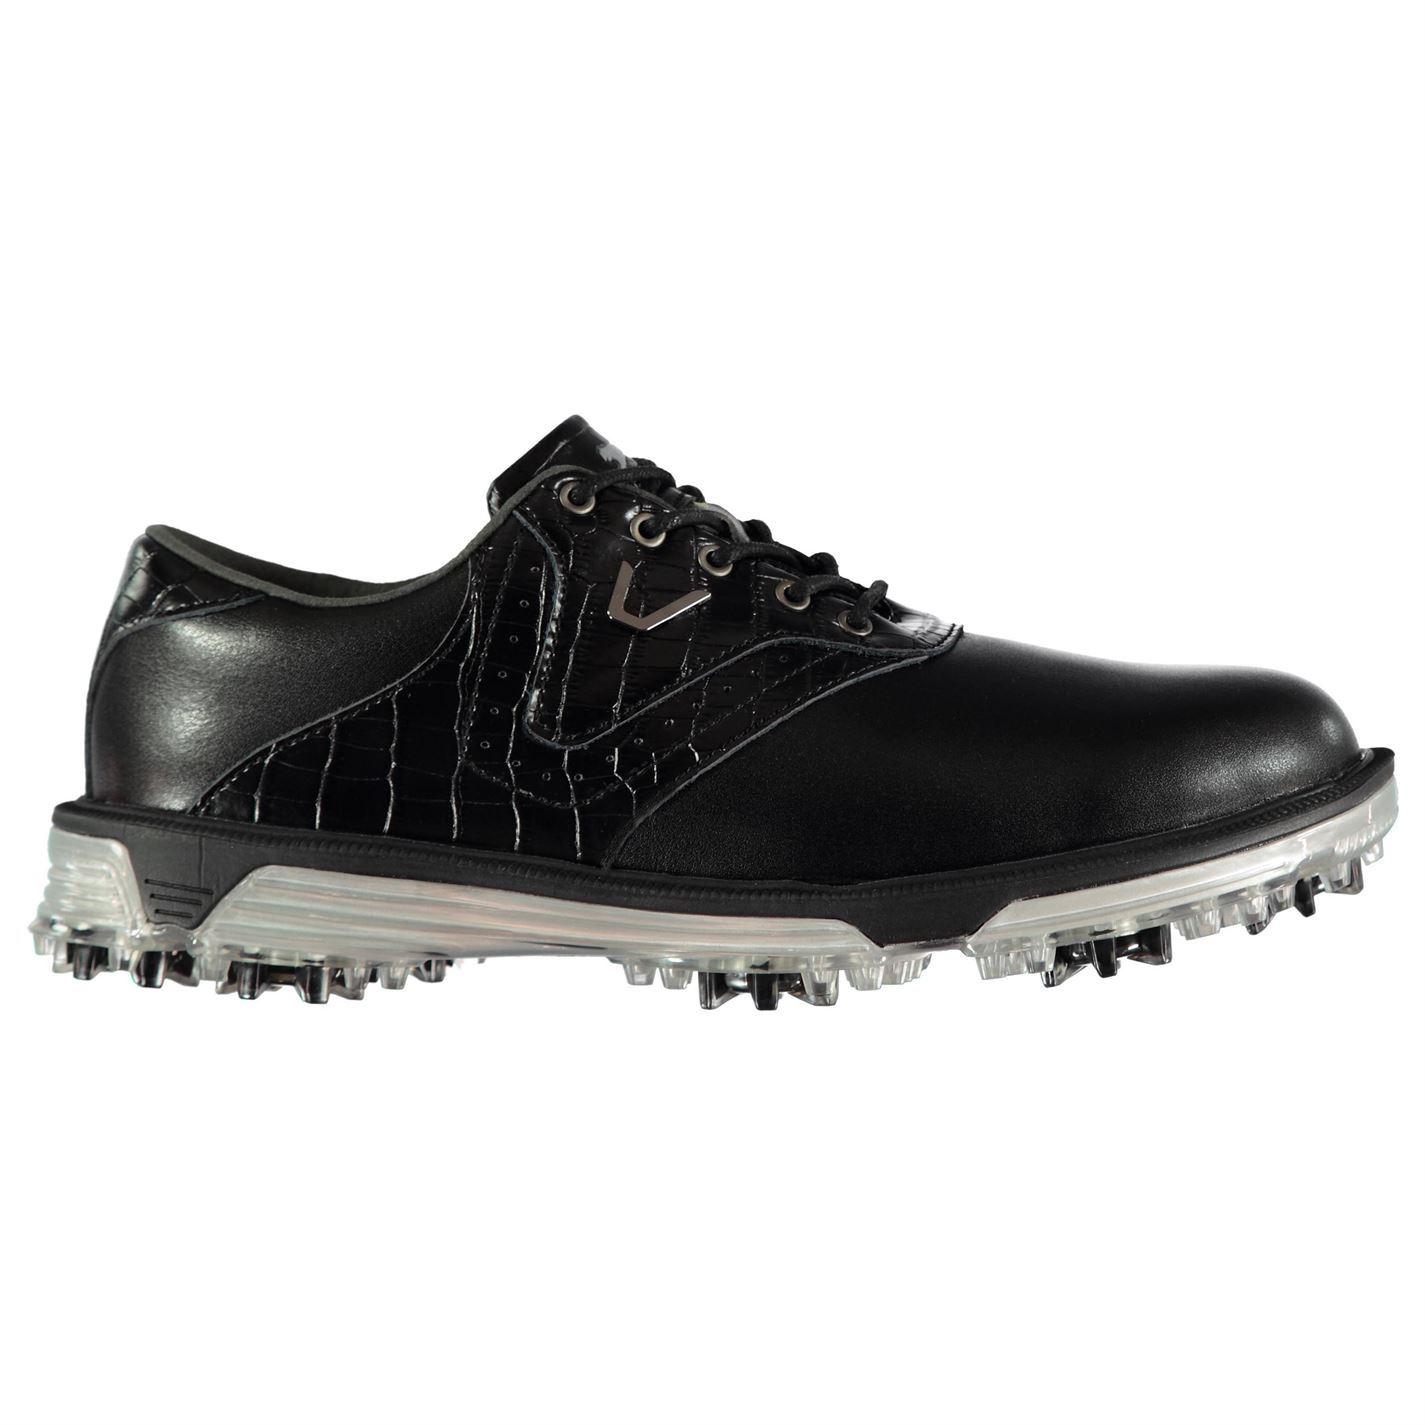 Slazenger-V500-Golf-Shoes-Mens-Spikes-Footwear thumbnail 4